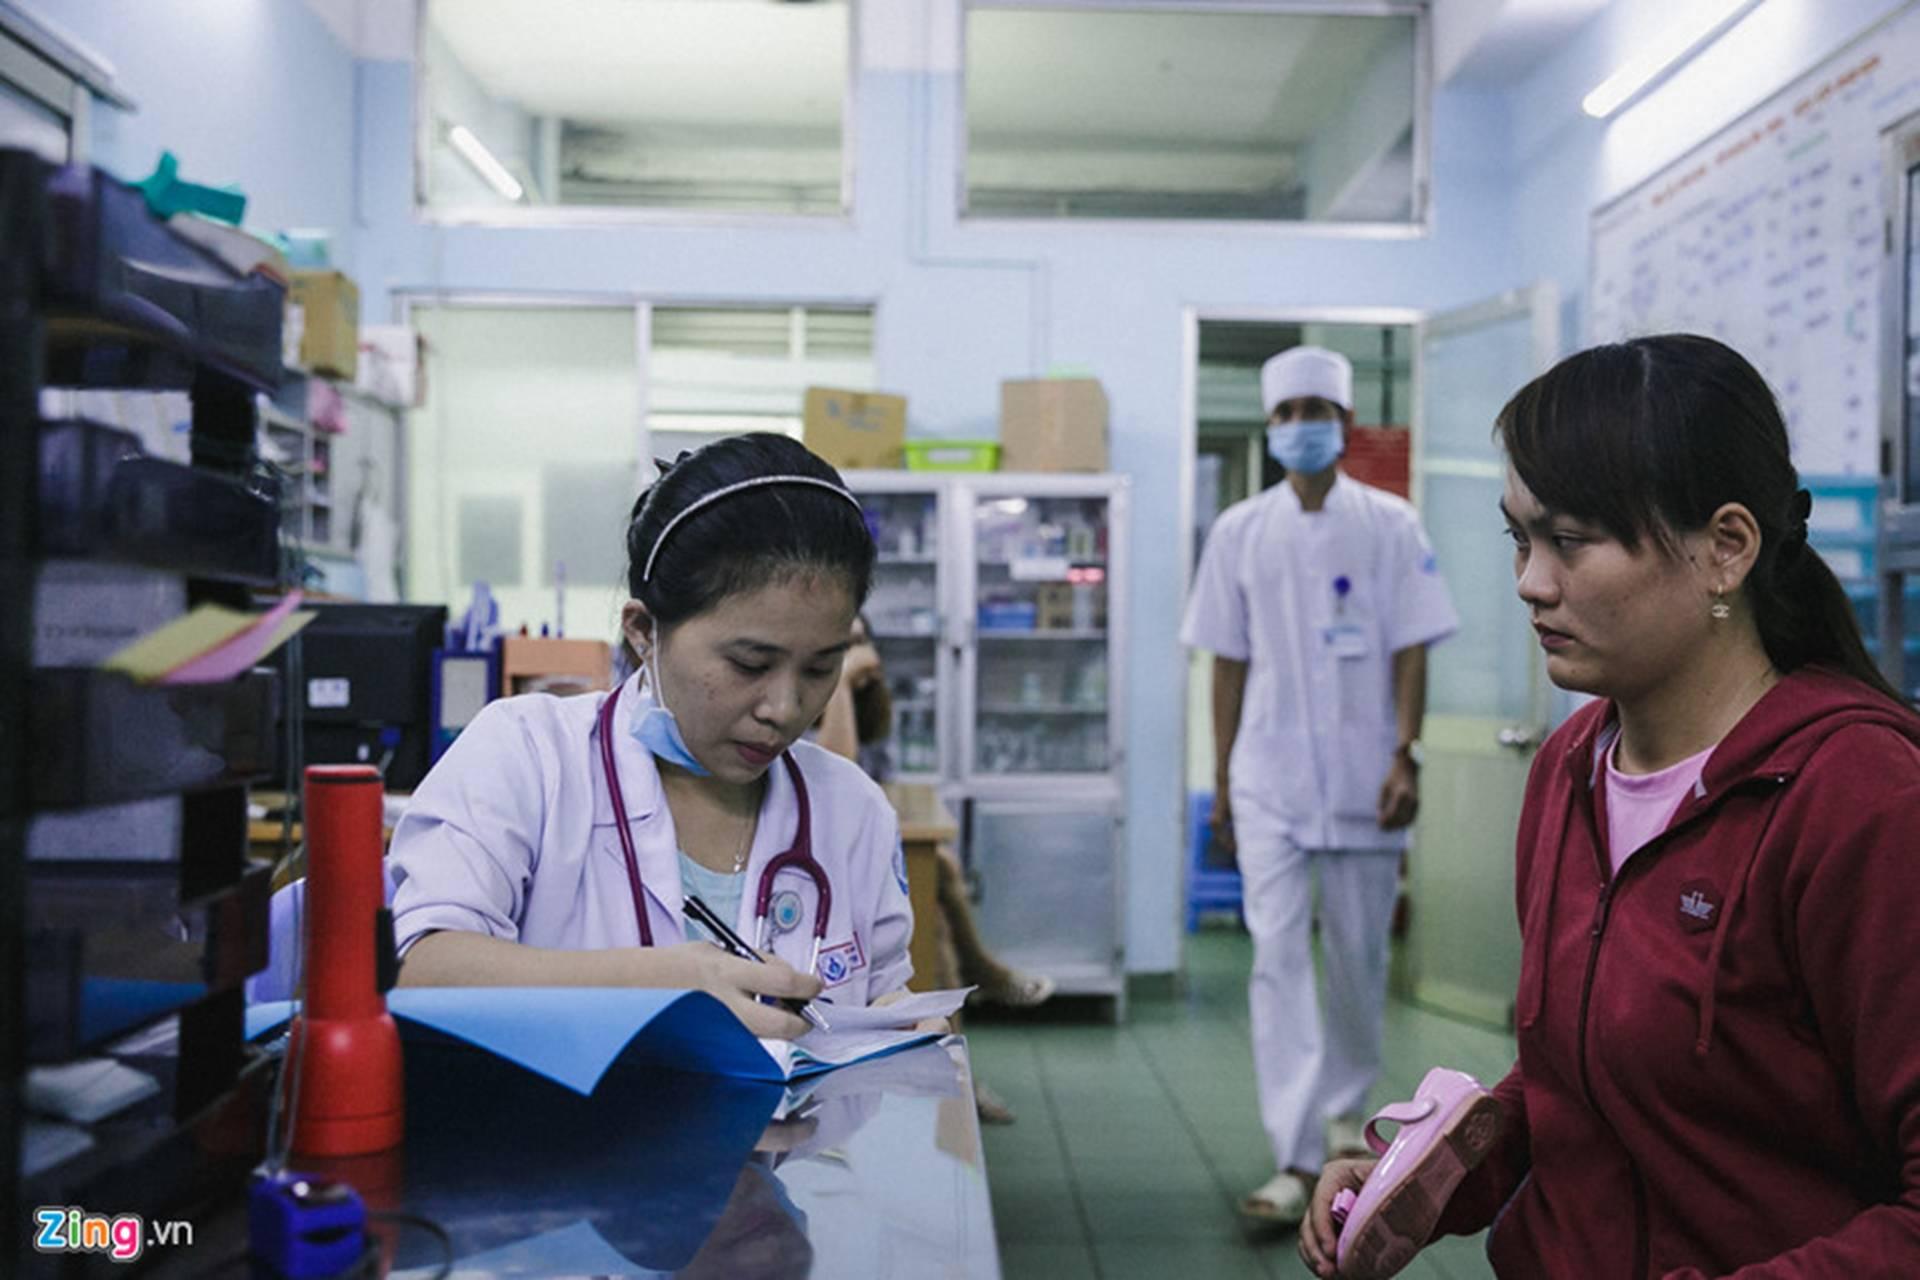 Bệnh viện Nhi ở Sài Gòn vỡ trận vì dịch chồng dịch-22